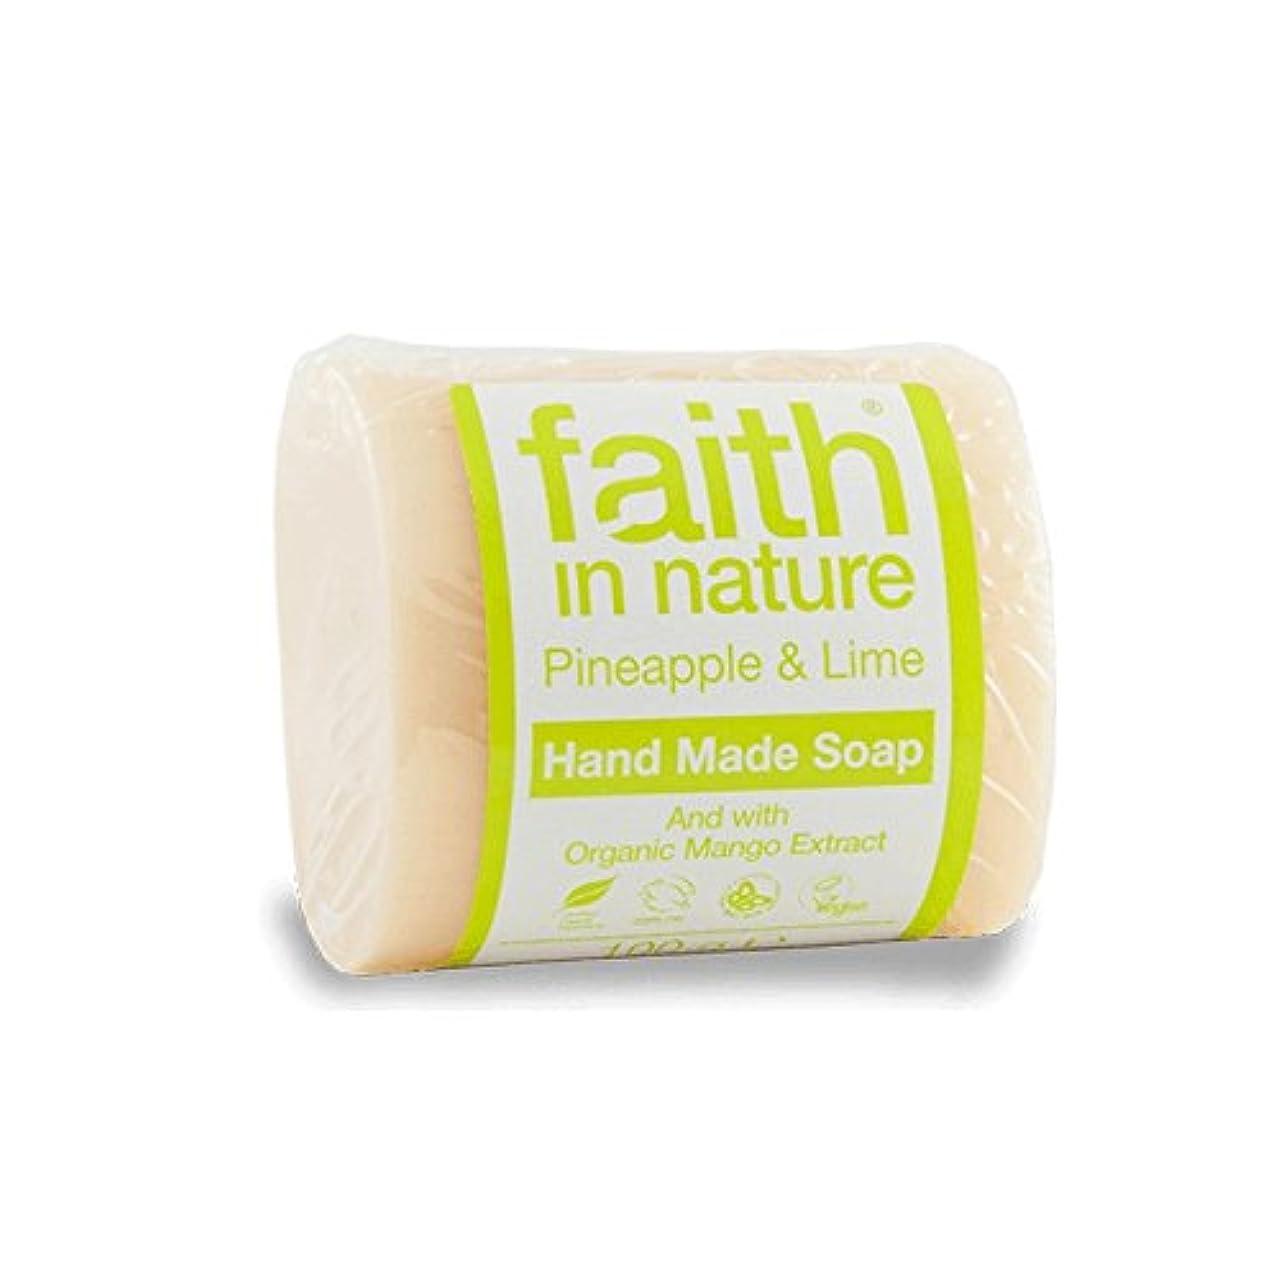 Faith in Nature Pineapple & Lime Soap 100g (Pack of 2) - 自然パイナップル&ライムソープ100グラムの信仰 (x2) [並行輸入品]